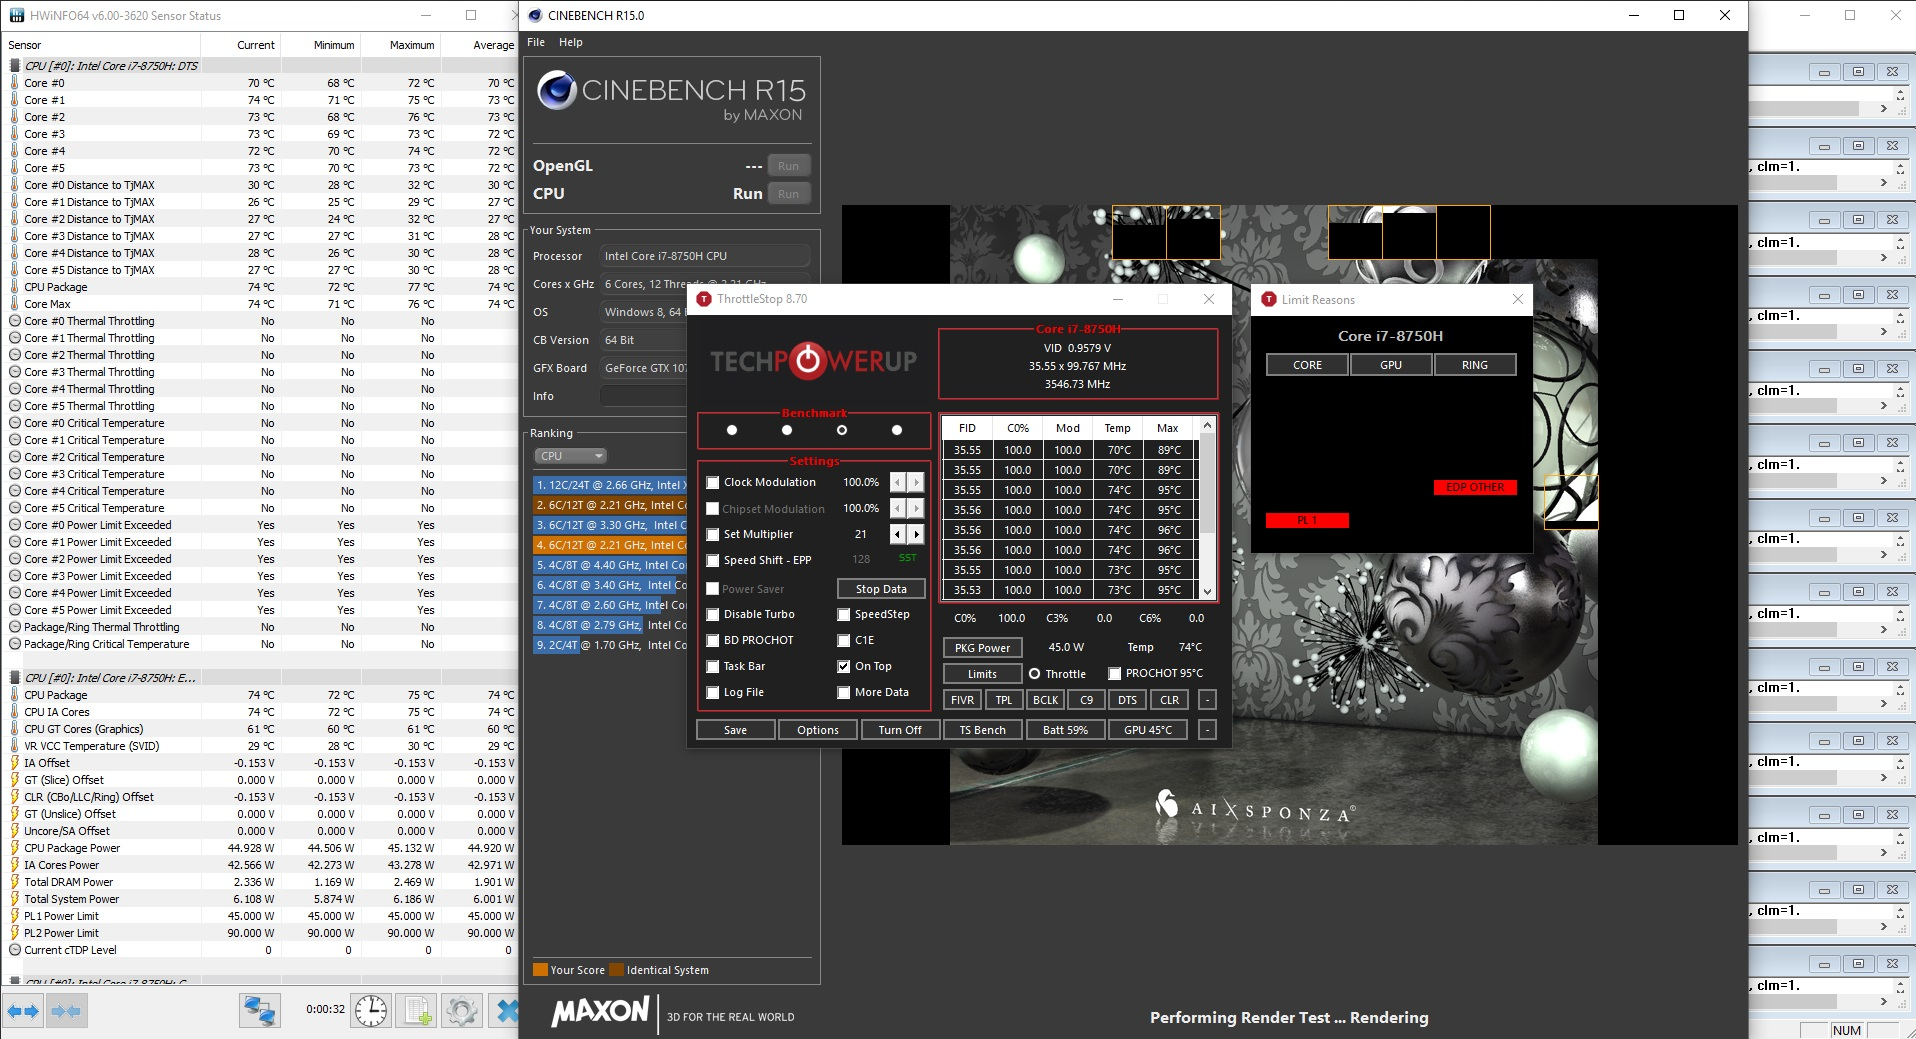 Prime95_Cinebench_R15 in progress.jpg